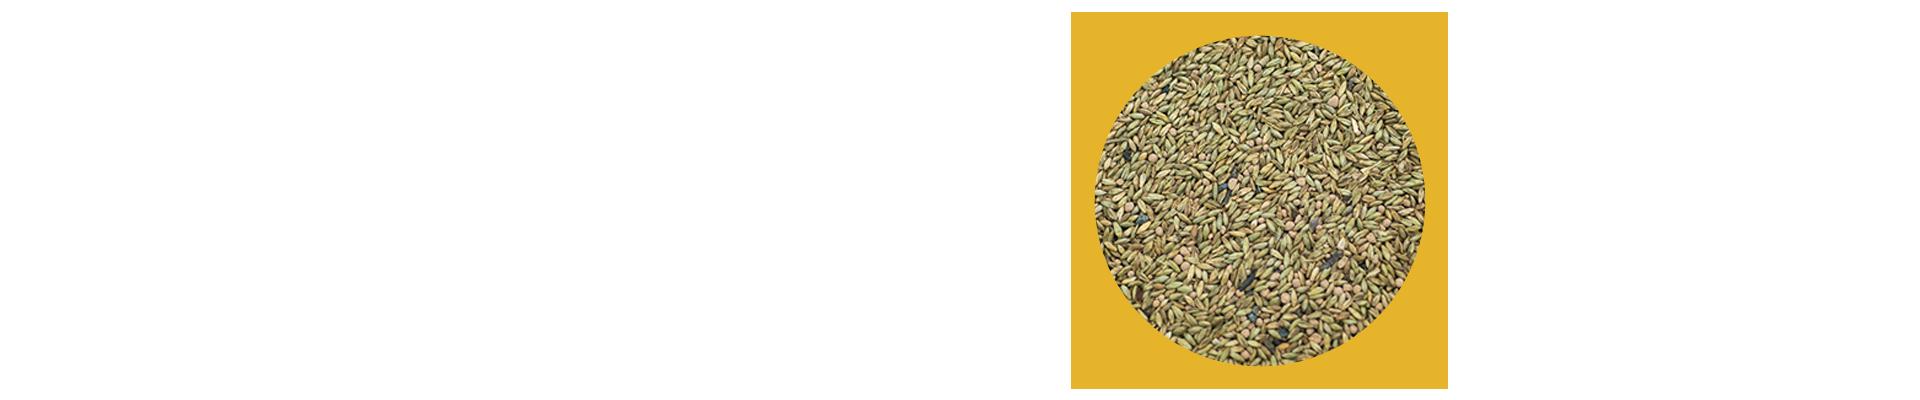 O Panicum maximum cv. Mombaça é conhecido mundialmente por sua alta produtividade e qualidade, porém, esse capim é exigente em fertilidade do solo. O manejo mais indicado para essa pastagem é o rotacionado; não é indicado para dias fixos com descanso, mas sim o pastejo e descanso de acordo com a altura da forragem.